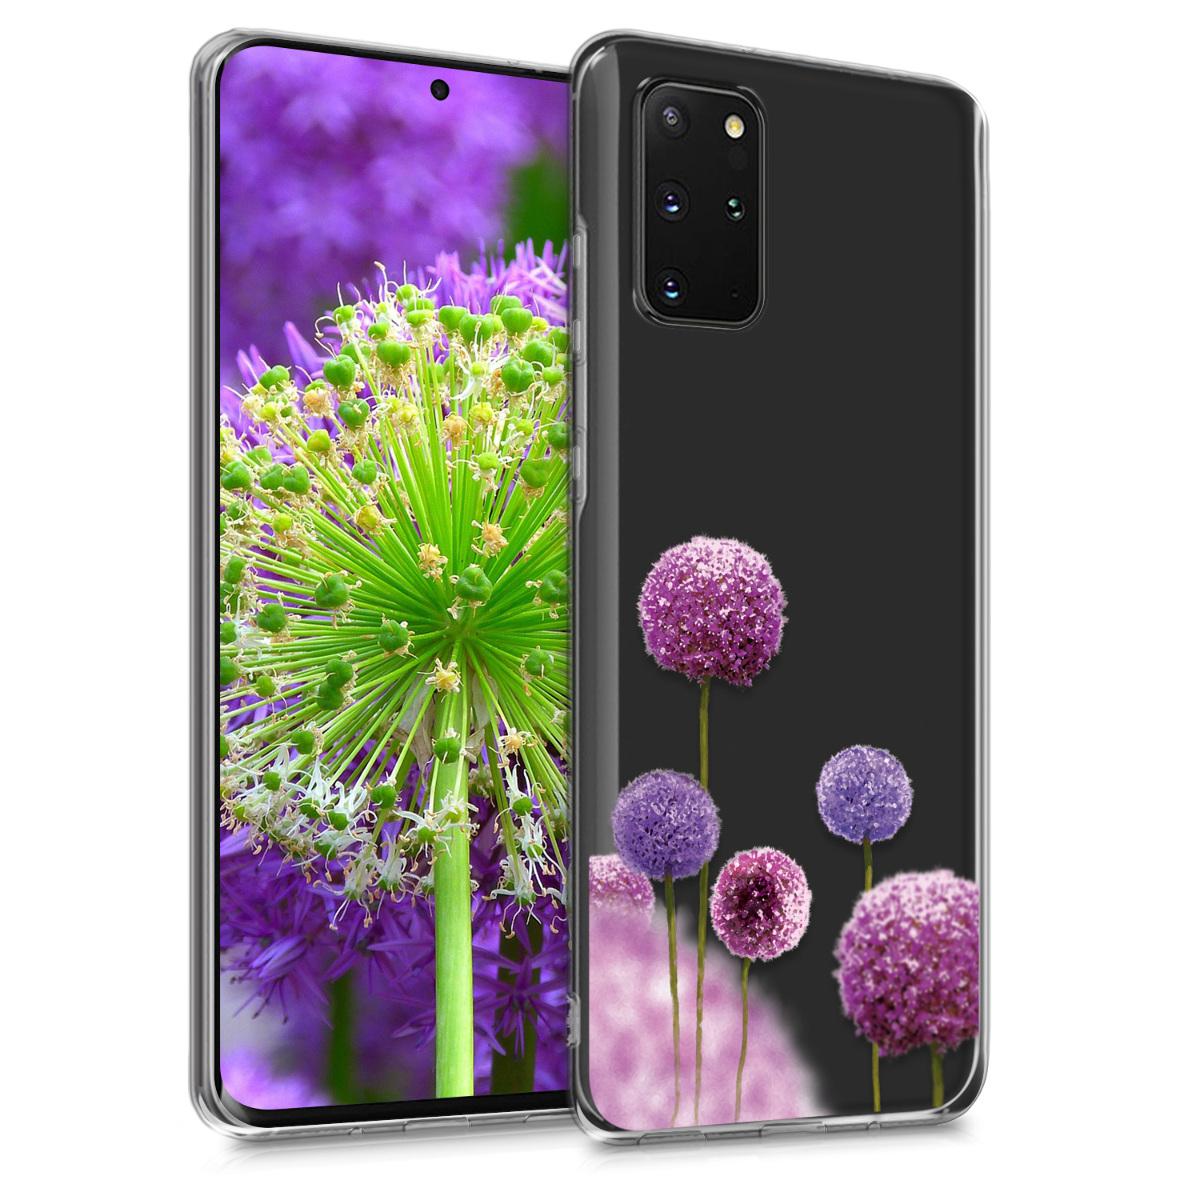 Silikonové pouzdro / obal s motivem květů pro Samsung S20 Plus